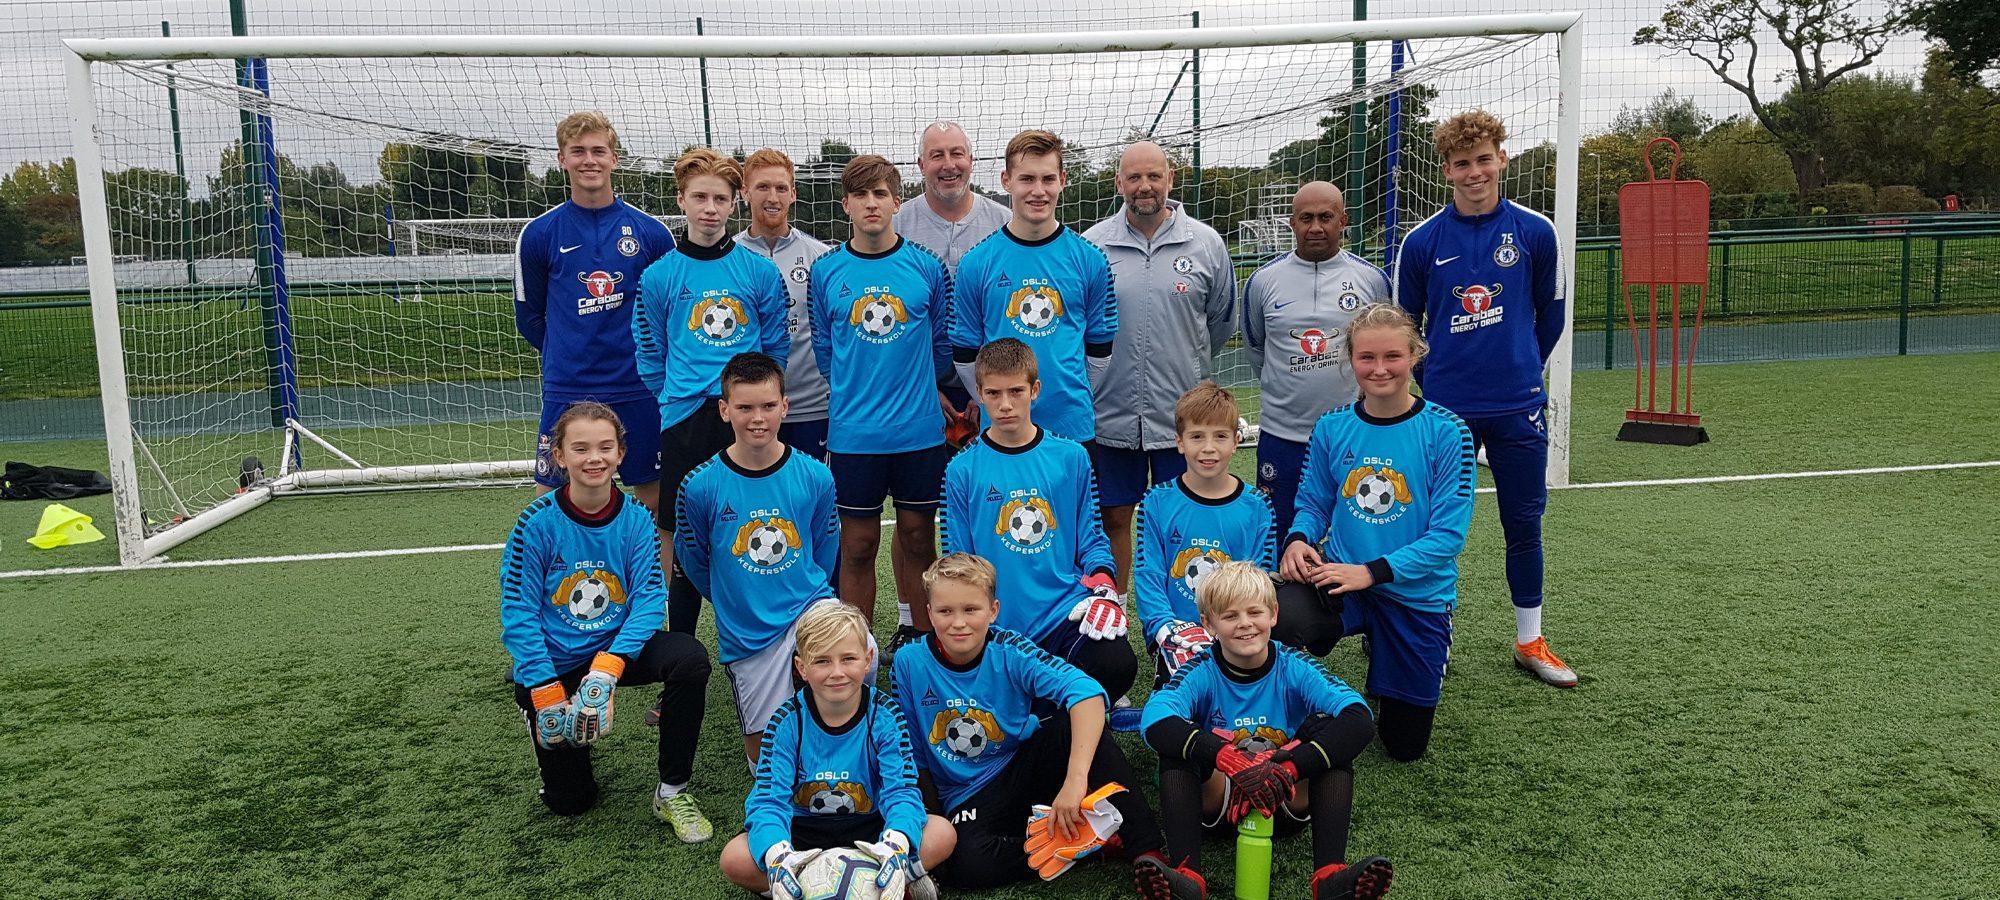 Oslo Keeperskole på besøk hos Chelsea fotballklubb